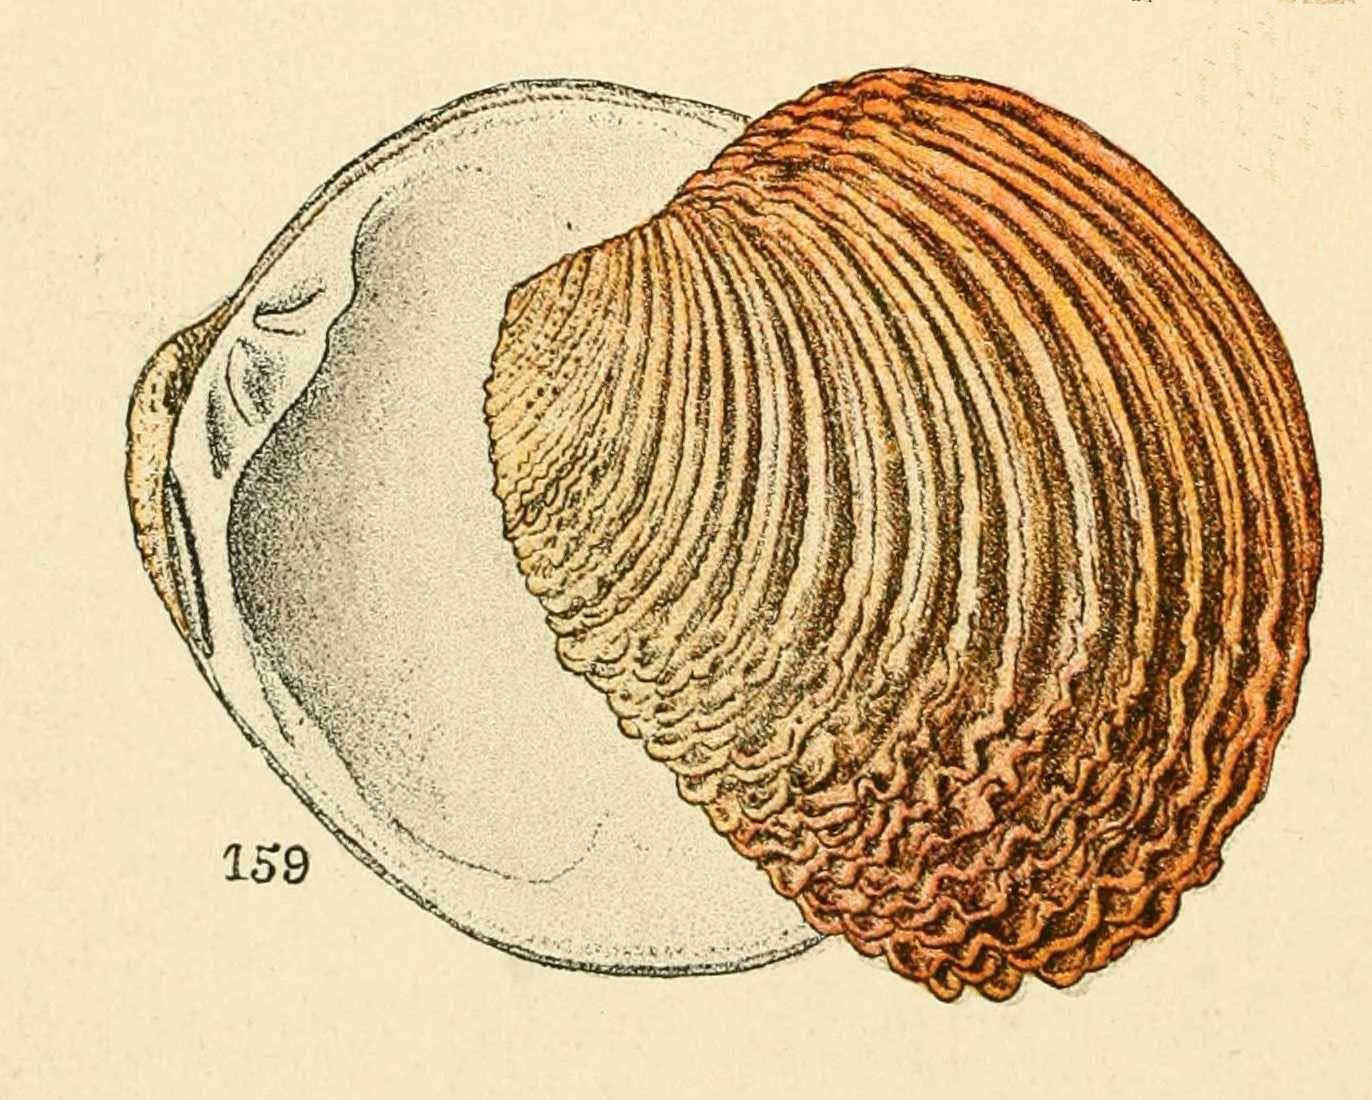 Epingle Par Ly Christophe Sur Fruits Fleurs Animaux Coquillage Dessin Dessin Et Coquillage